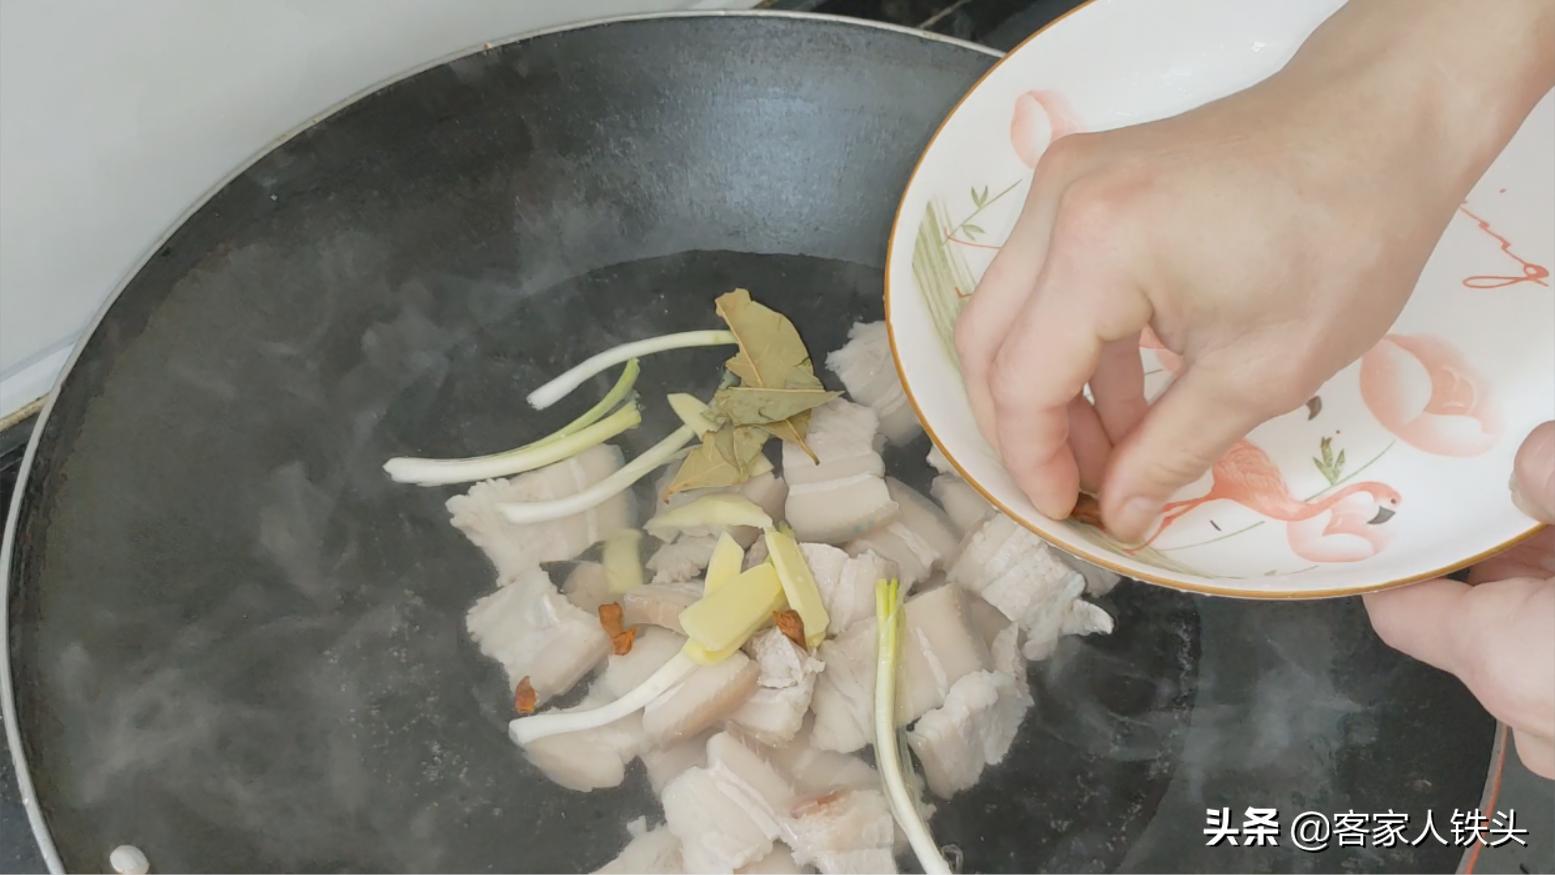 天凉了,教你一盘咸香好吃的懒人菜,饭菜一锅熟,营养下饭又省时